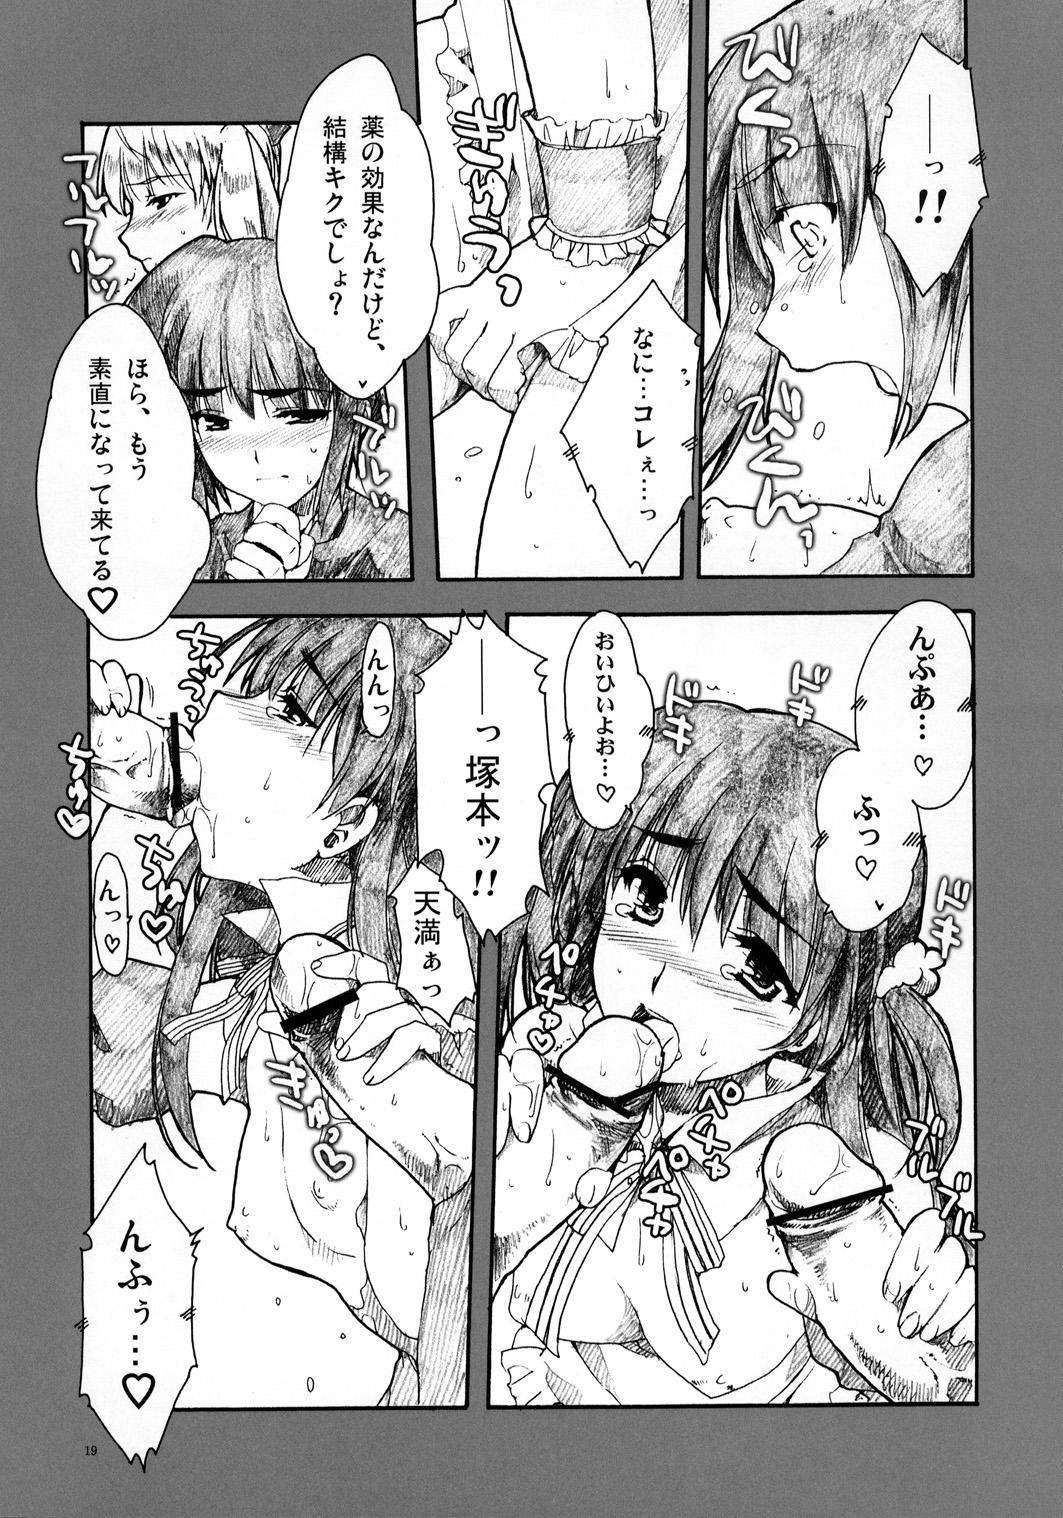 Zenyasai 17